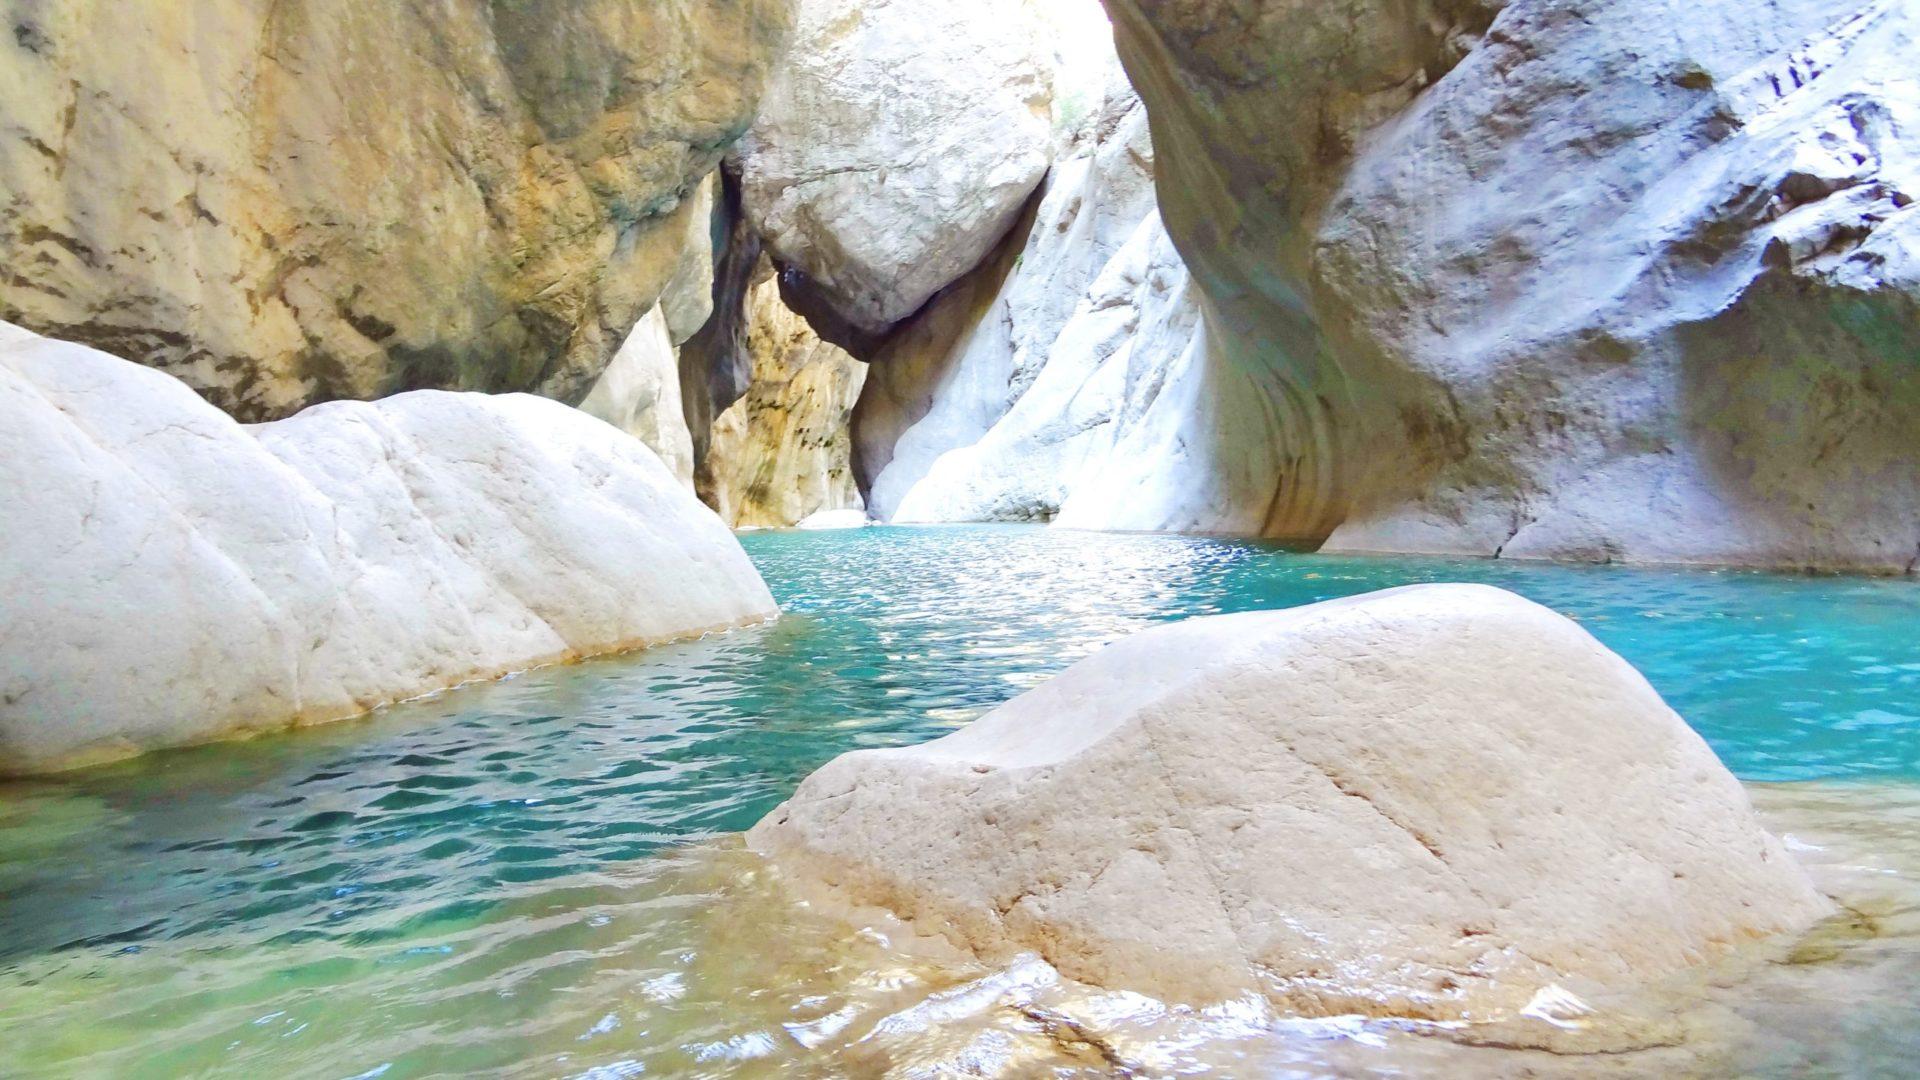 Wassertemperatur Kemer: Türkis-blaues, klares Wasser zwischen Kalksteinfelsen im Göynük Canyon im Nationalpark Beydağları